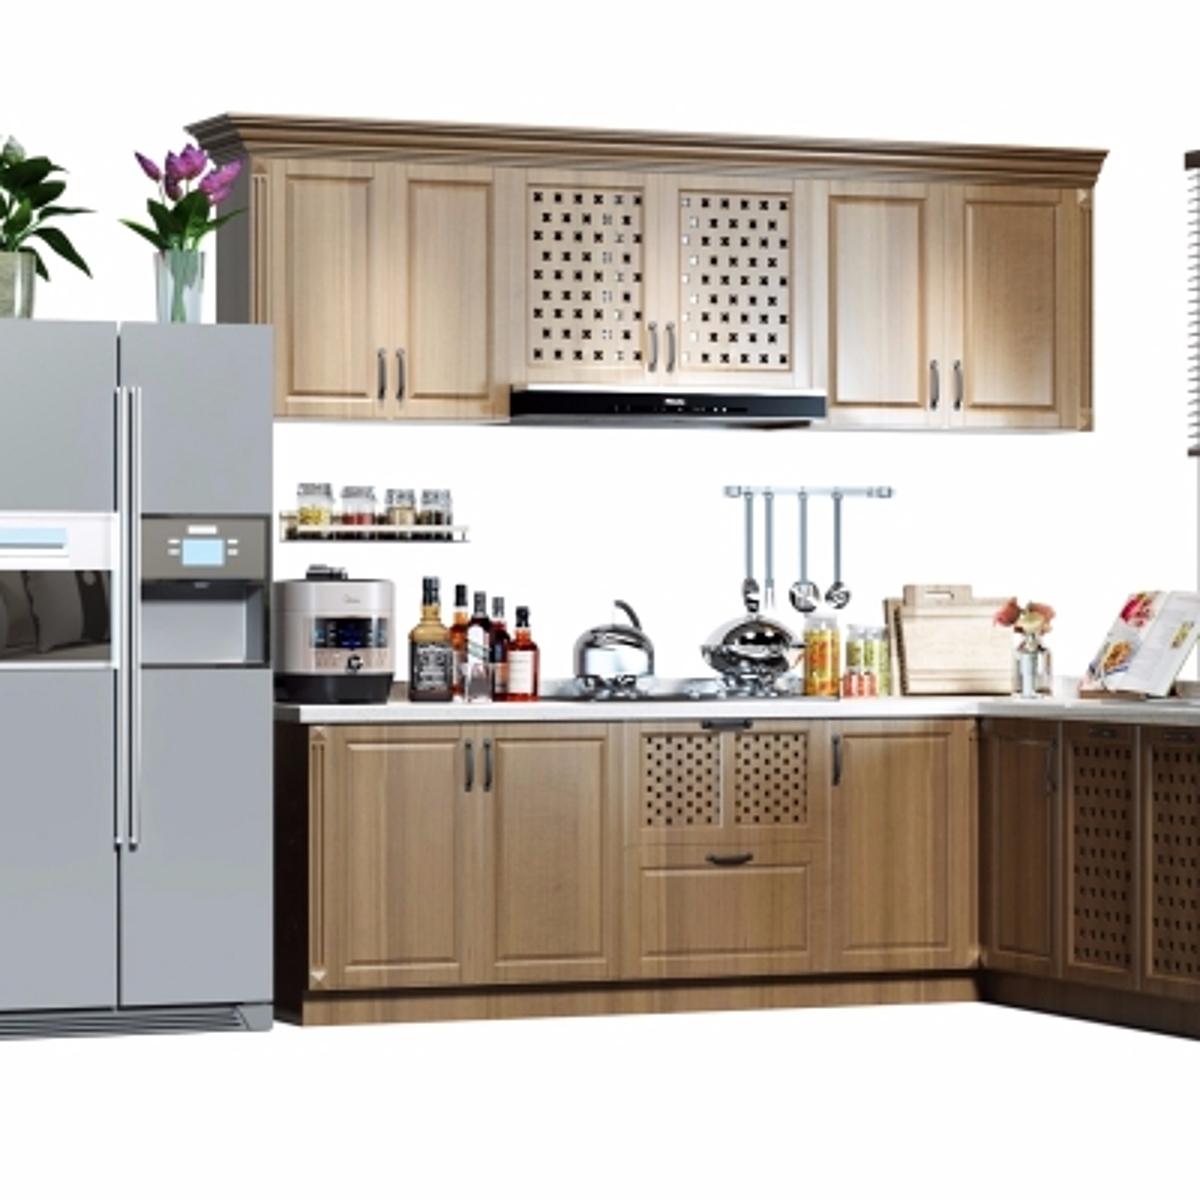 cg242现代橱柜冰箱餐具组合模型